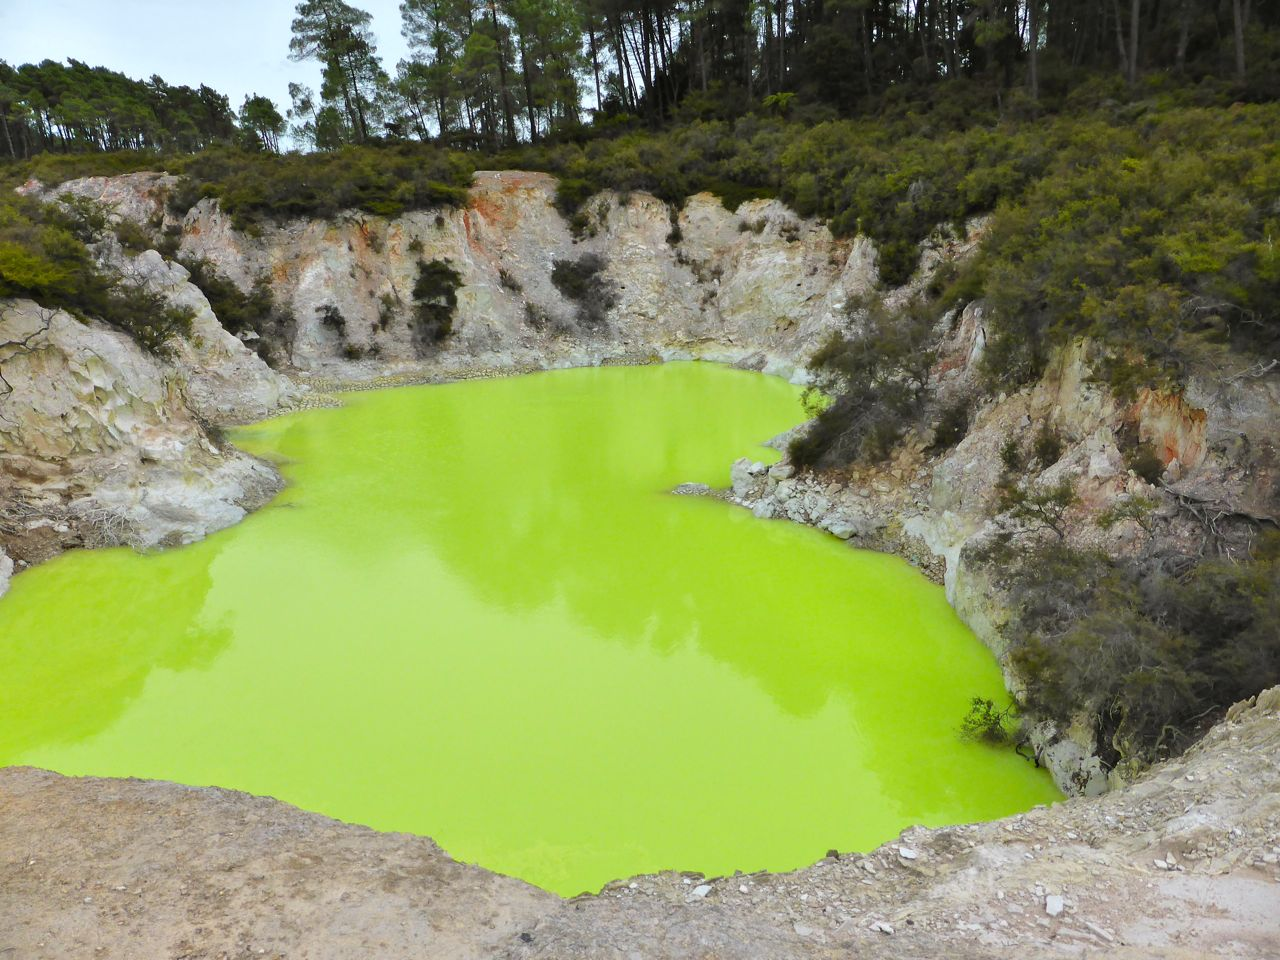 Ander mineraal-meer